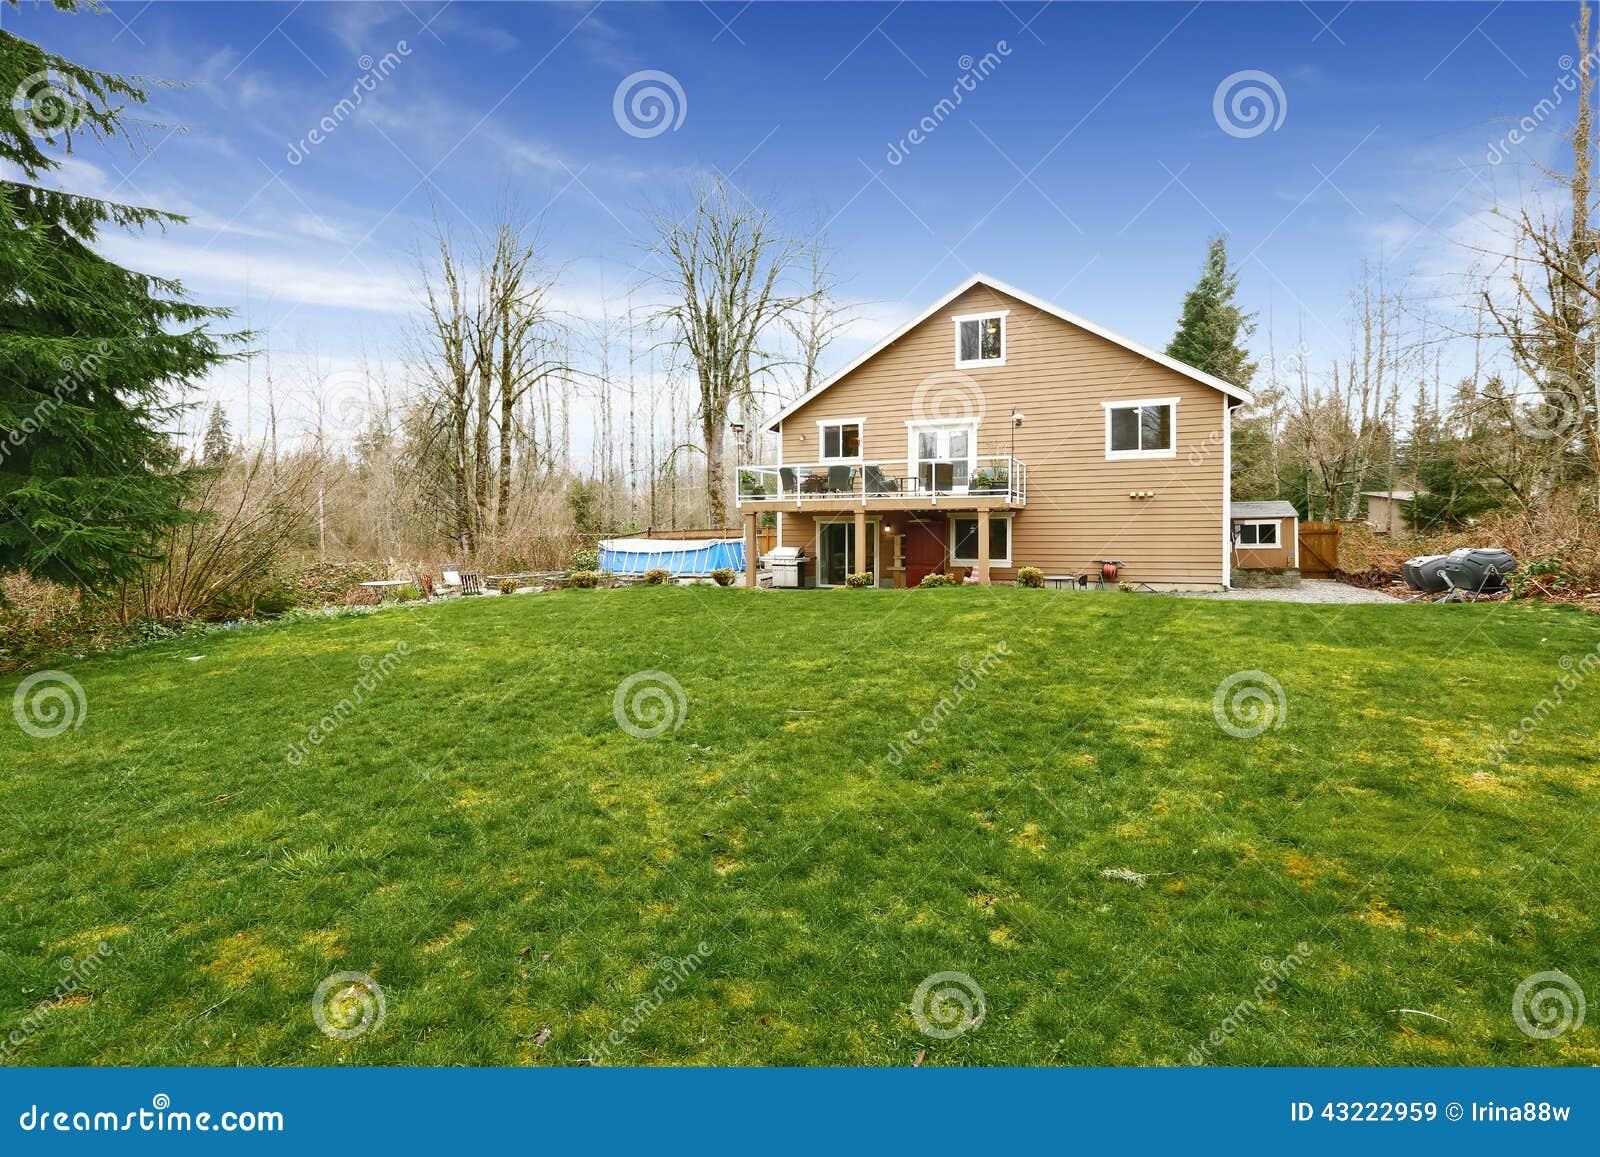 house with large backyard land stock photo image 43222959